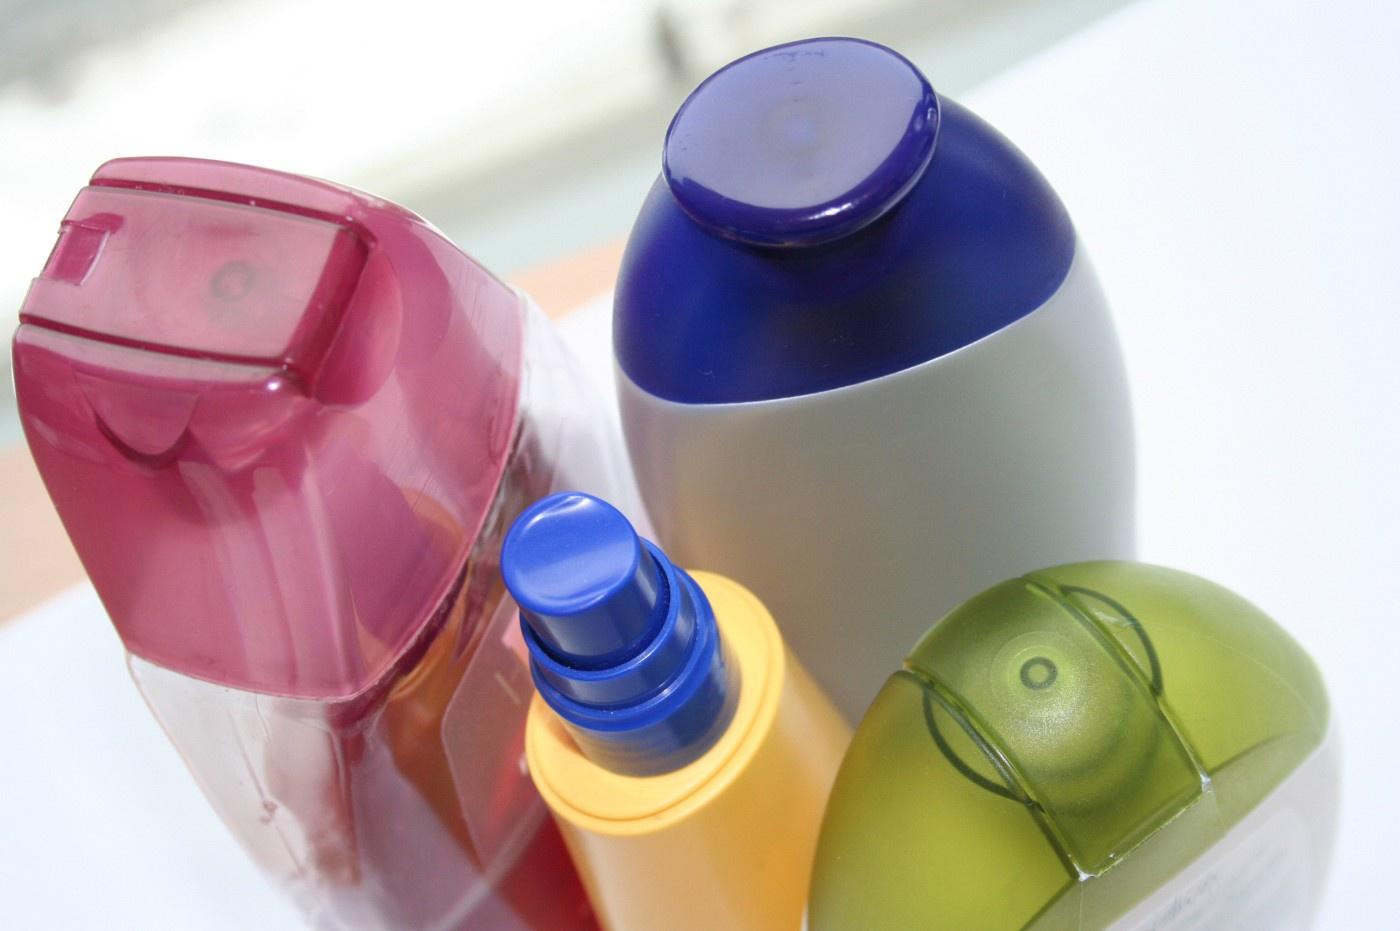 verschiedene Rinse Off Produkte